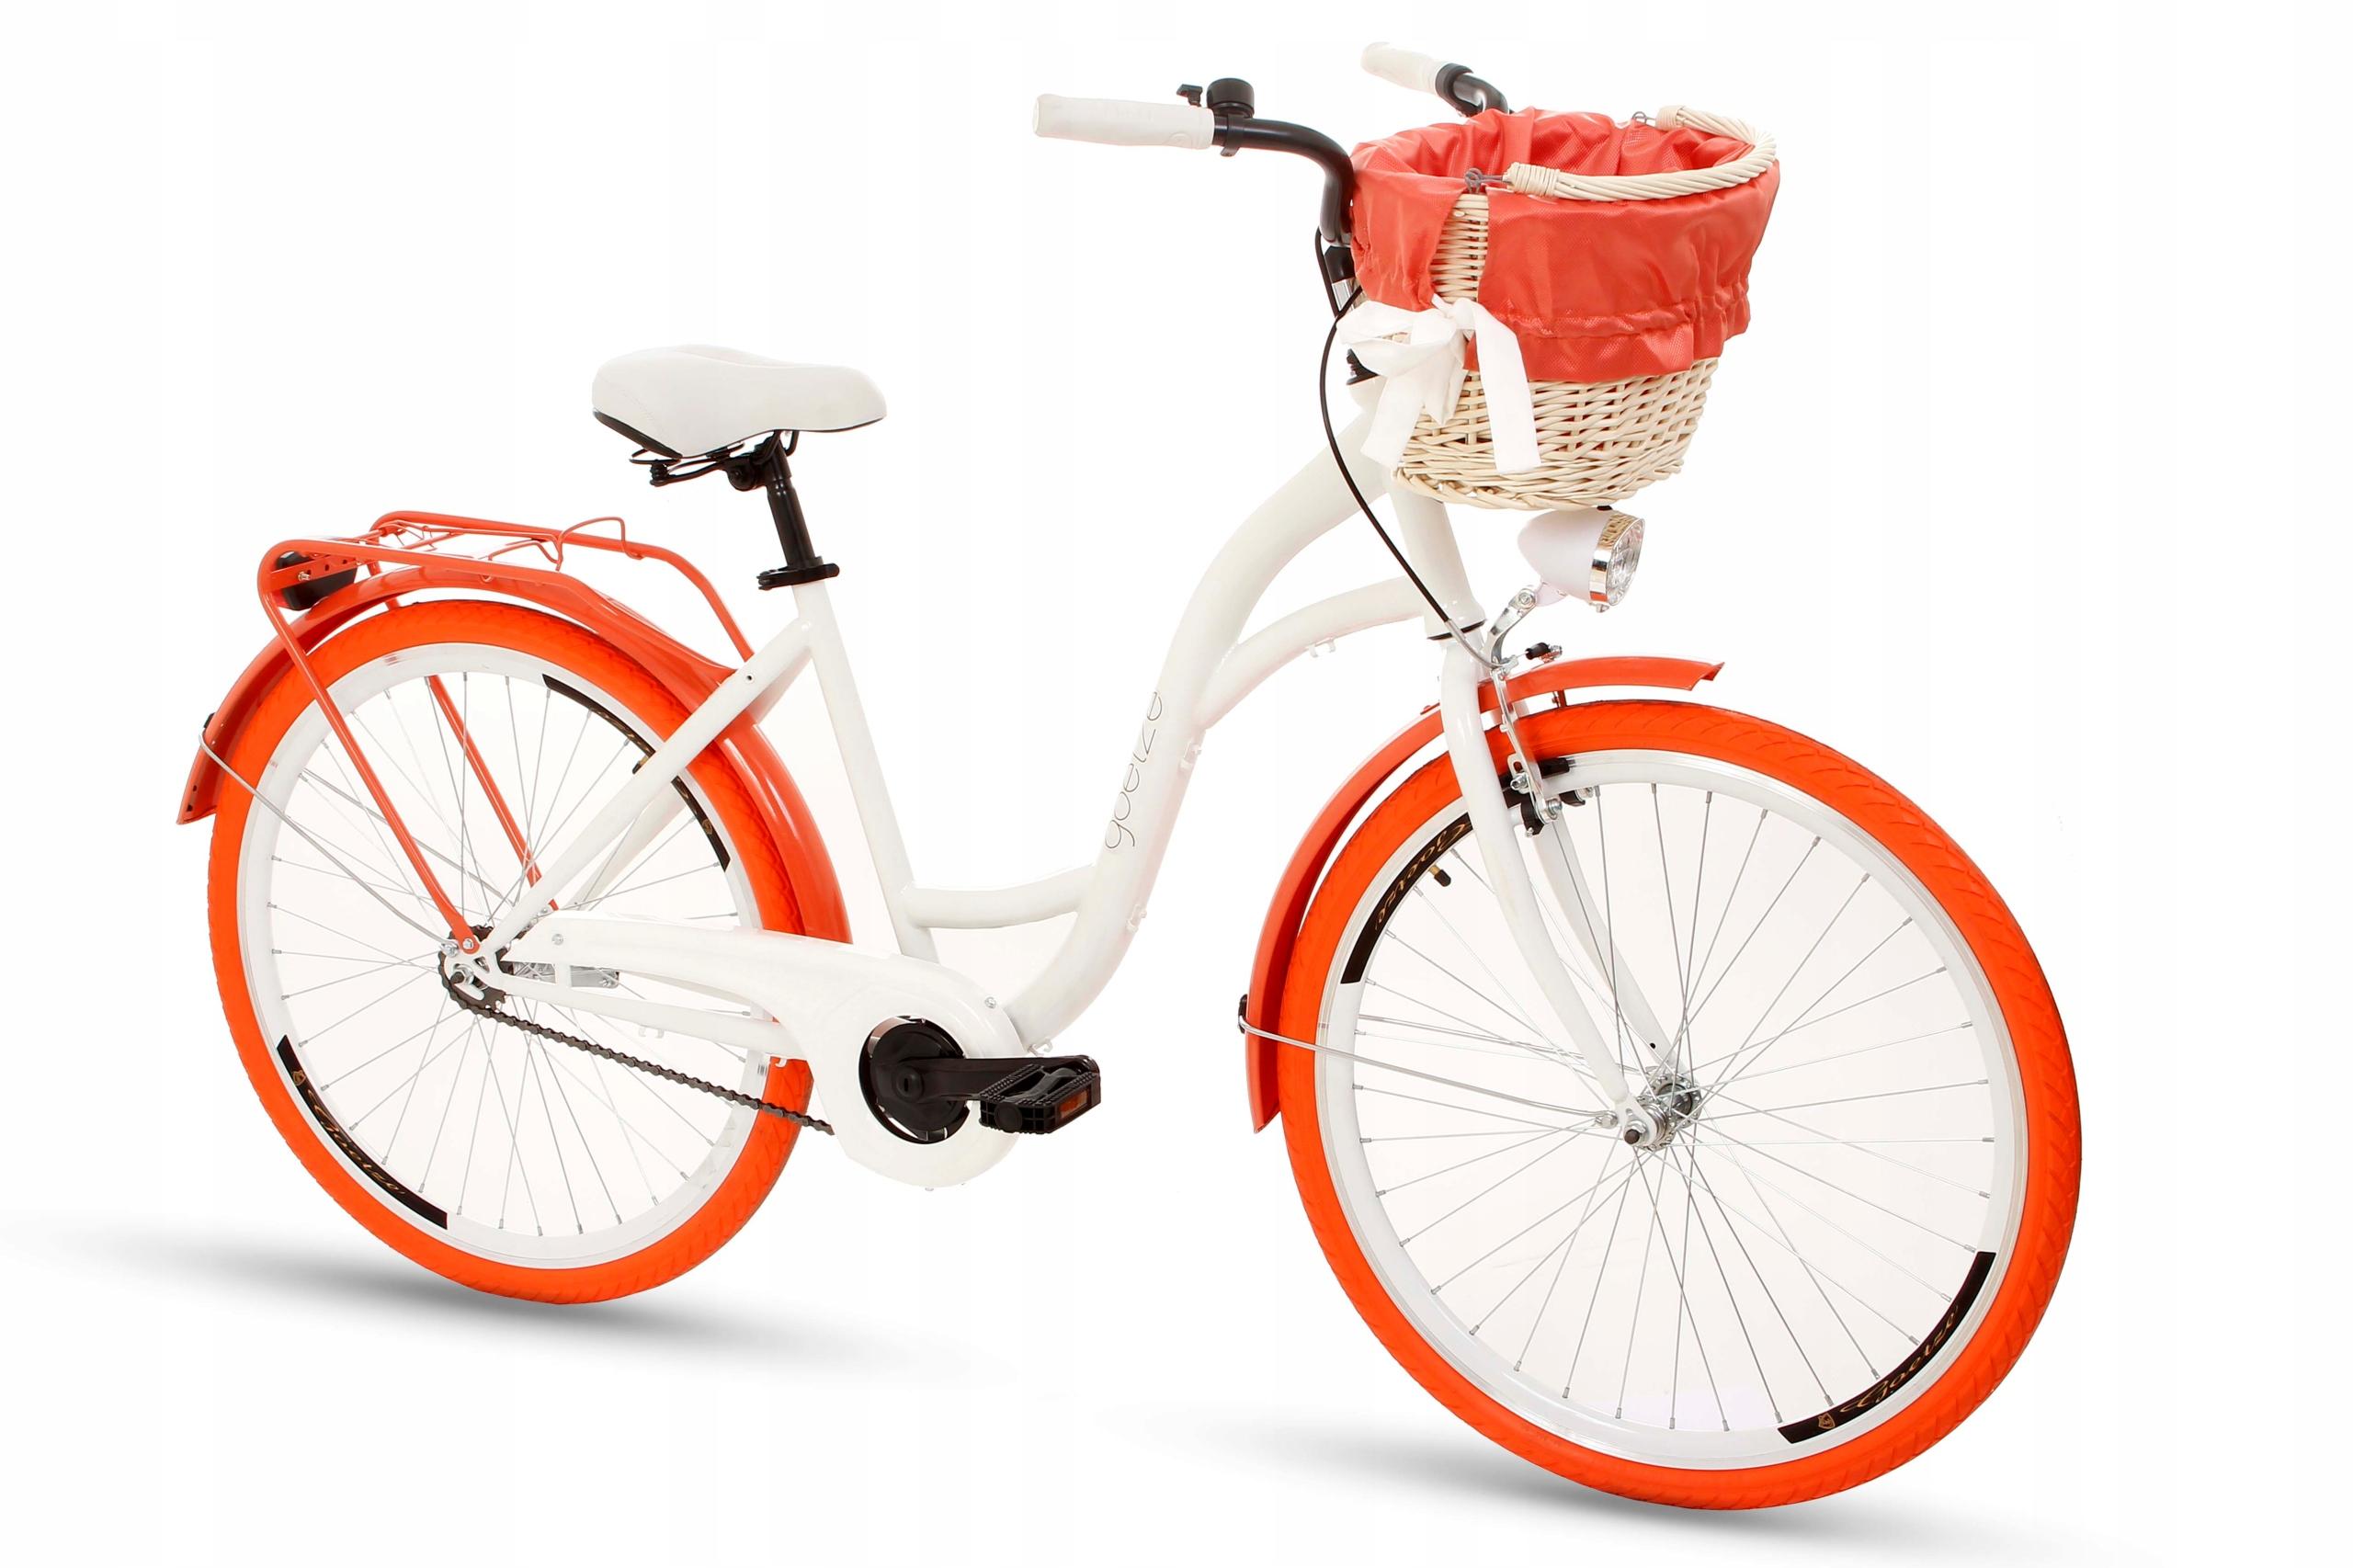 Dámsky mestský bicykel Goetze COLORS 26 košík!  Chýbajú odpisy